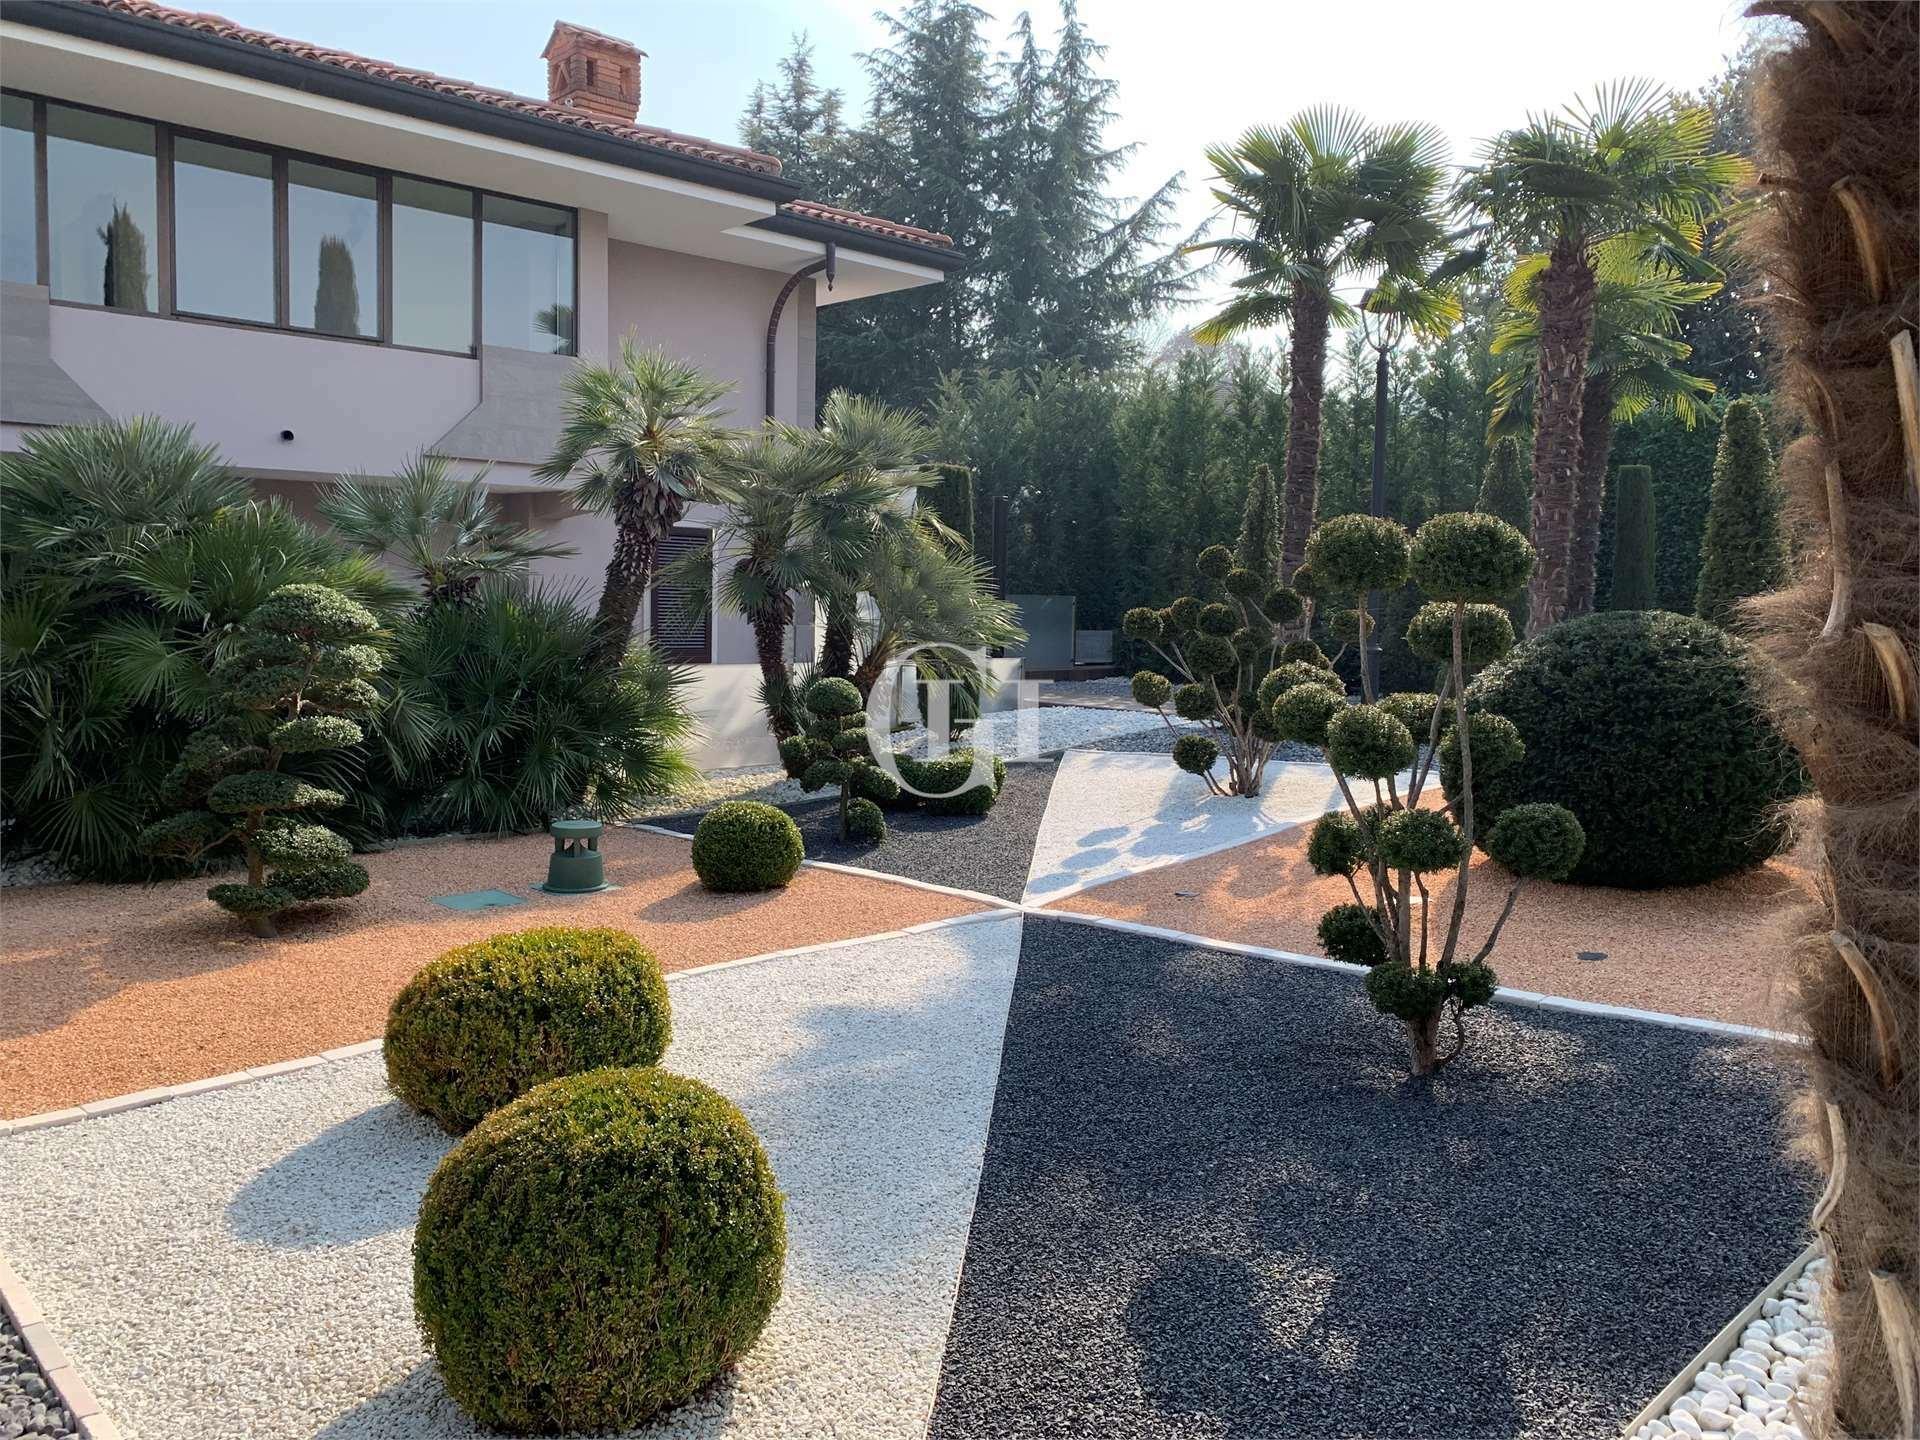 Villa in Padenghe sul Garda, Lombardy, Italy 1 - 11498821